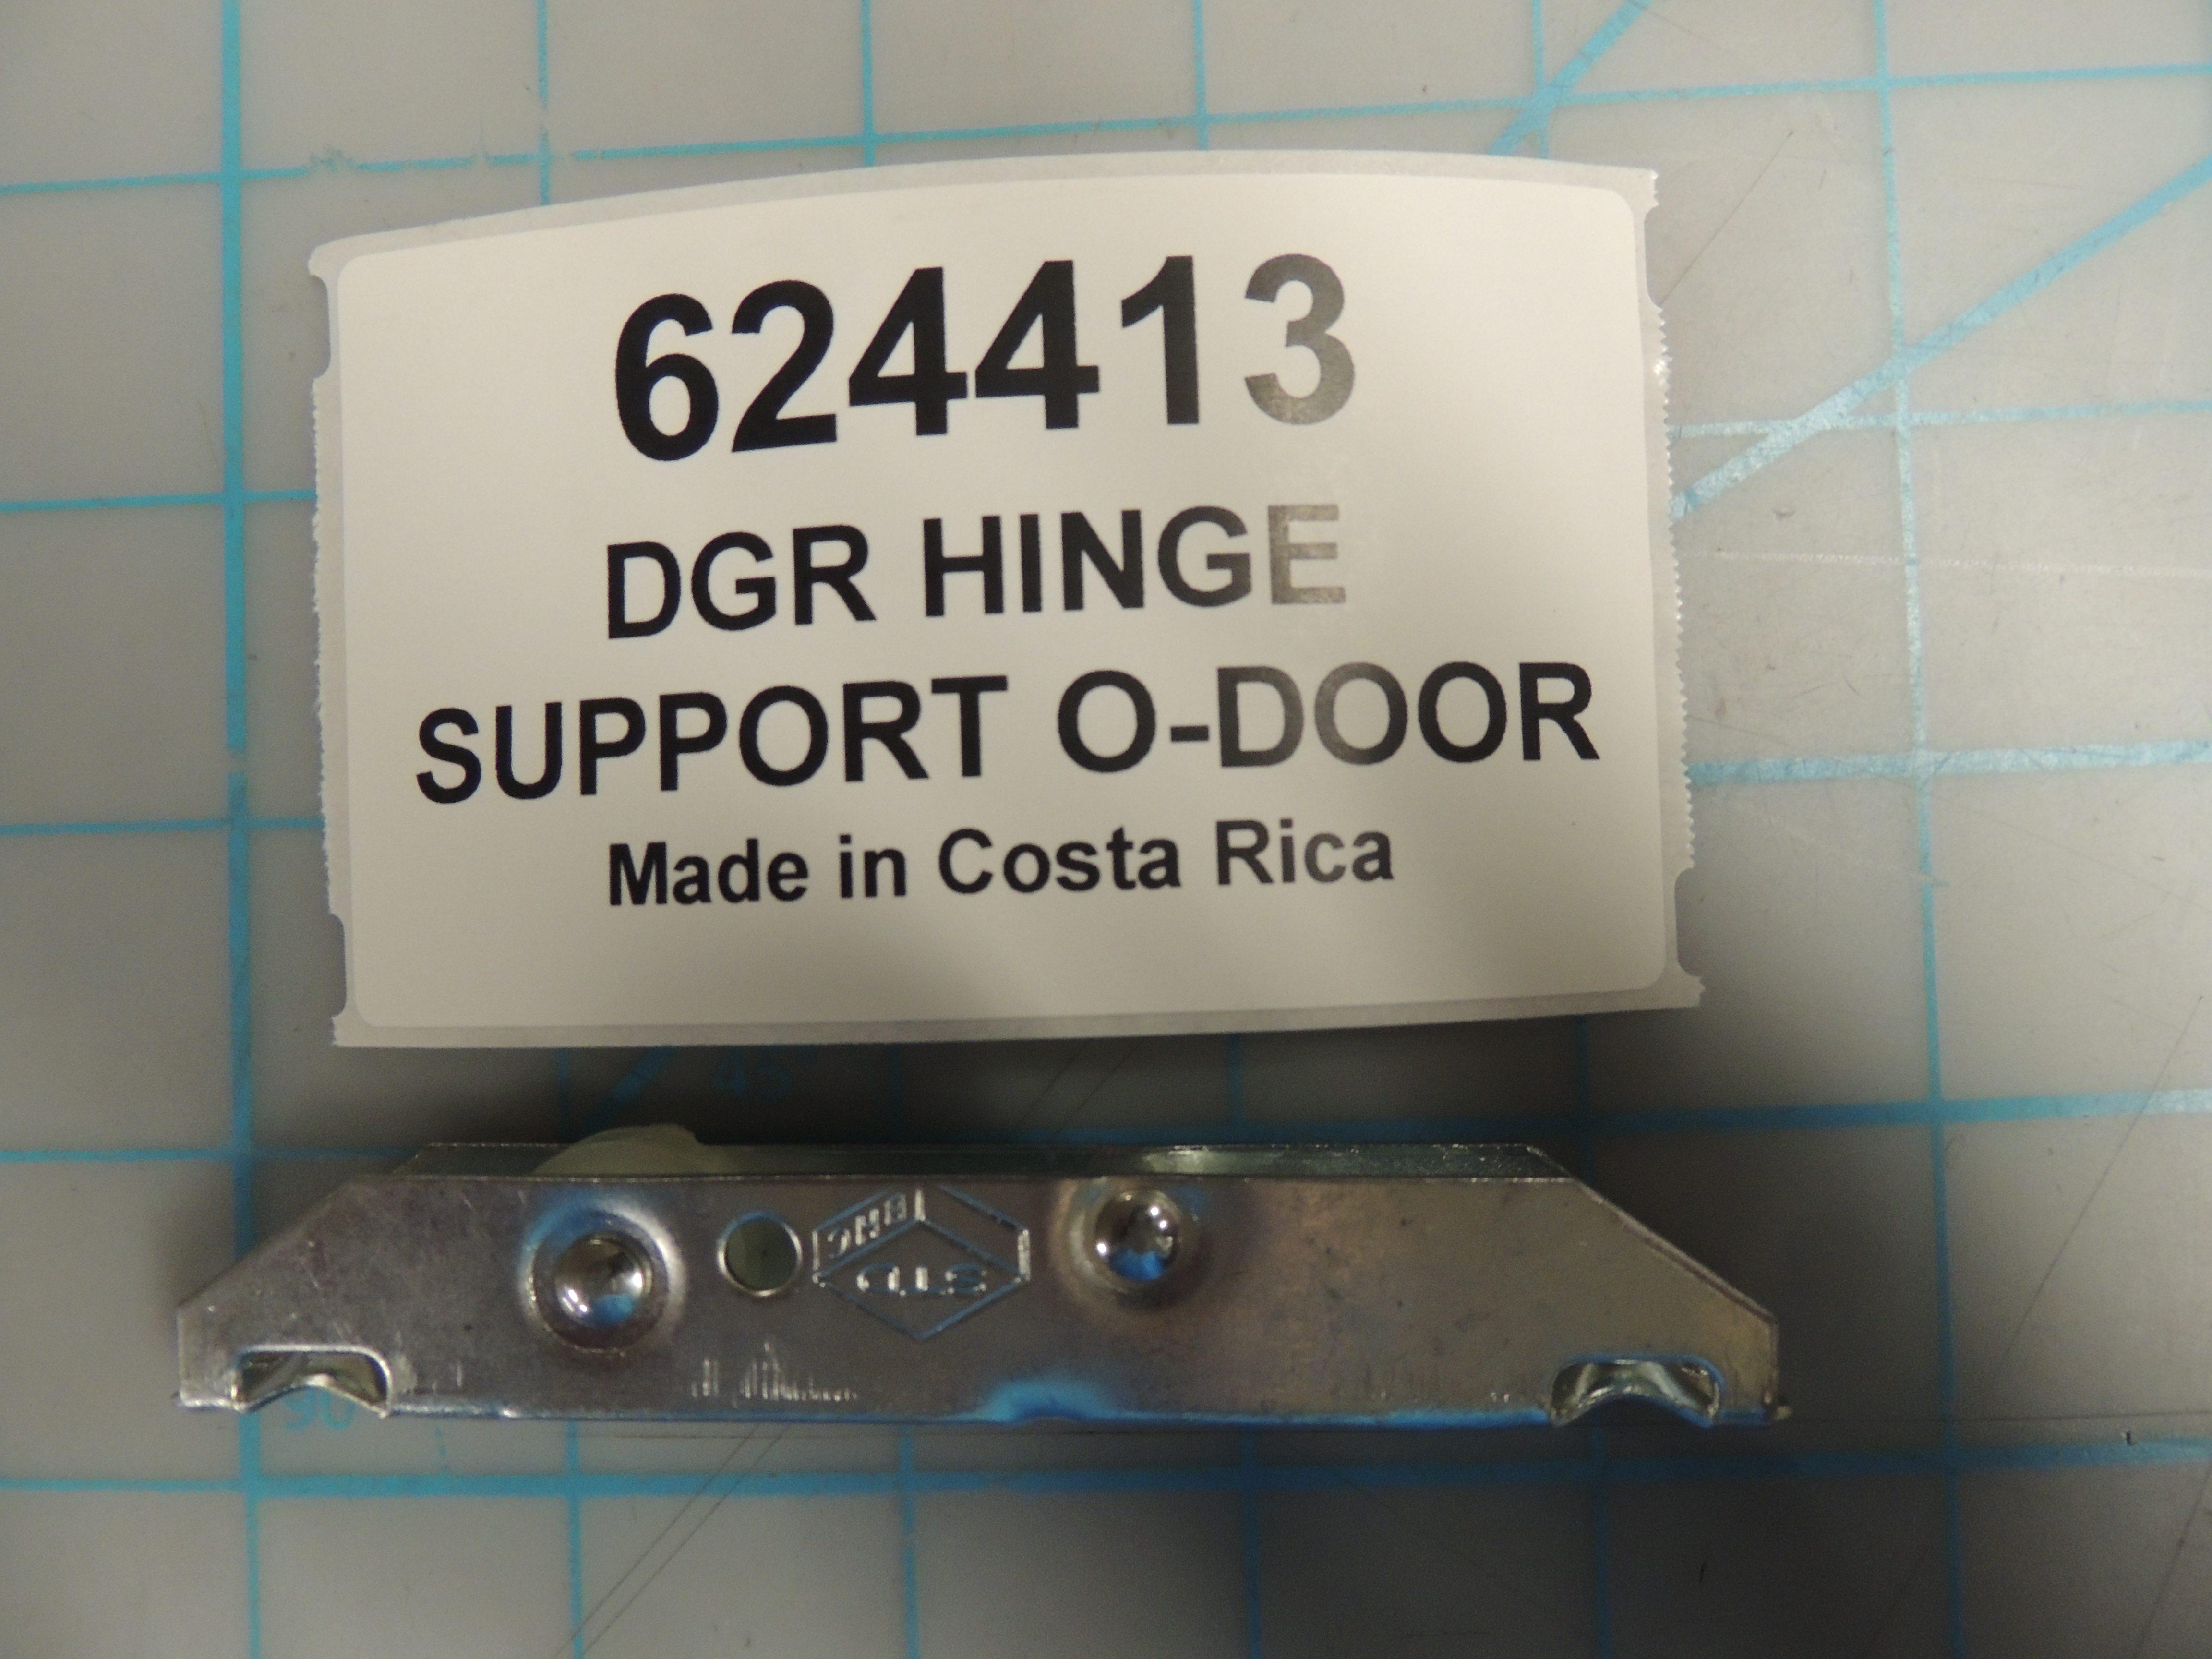 DGR HINGE SUPPORT O-DOOR